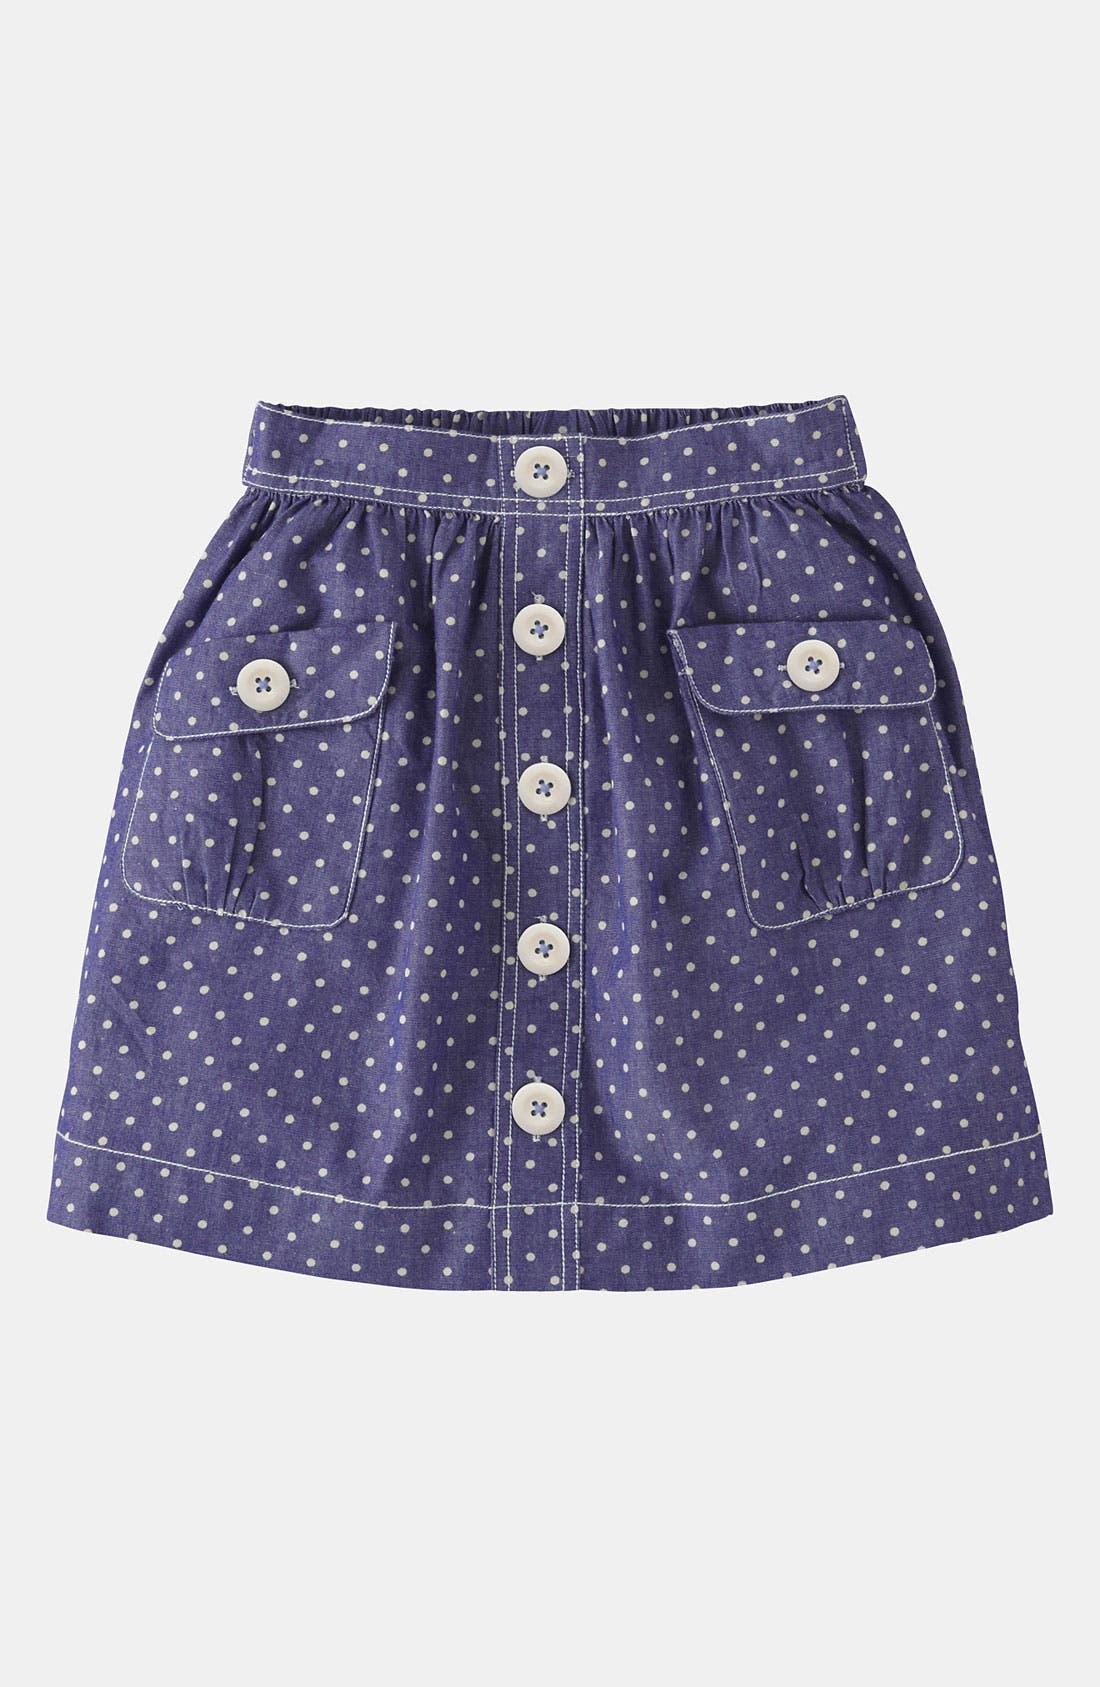 Alternate Image 1 Selected - Mini Boden 'Spotty' Chambray Skirt (Little Girls & Big Girls)